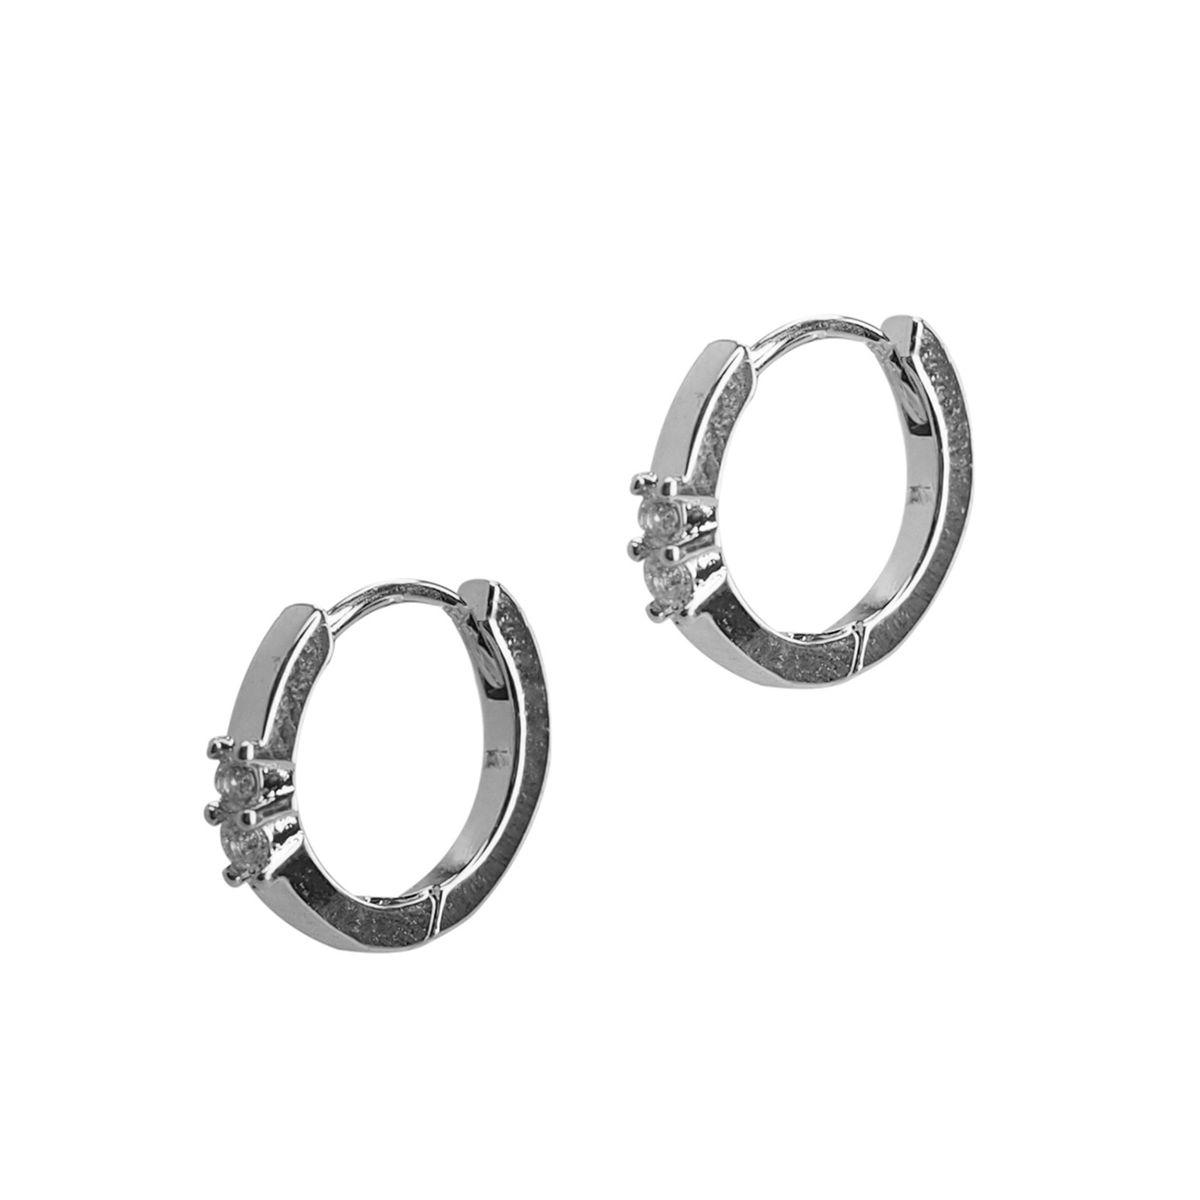 Boucles d'oreille avec petites pierres - argenté (Maat Onesize) - LUZ - Modalova